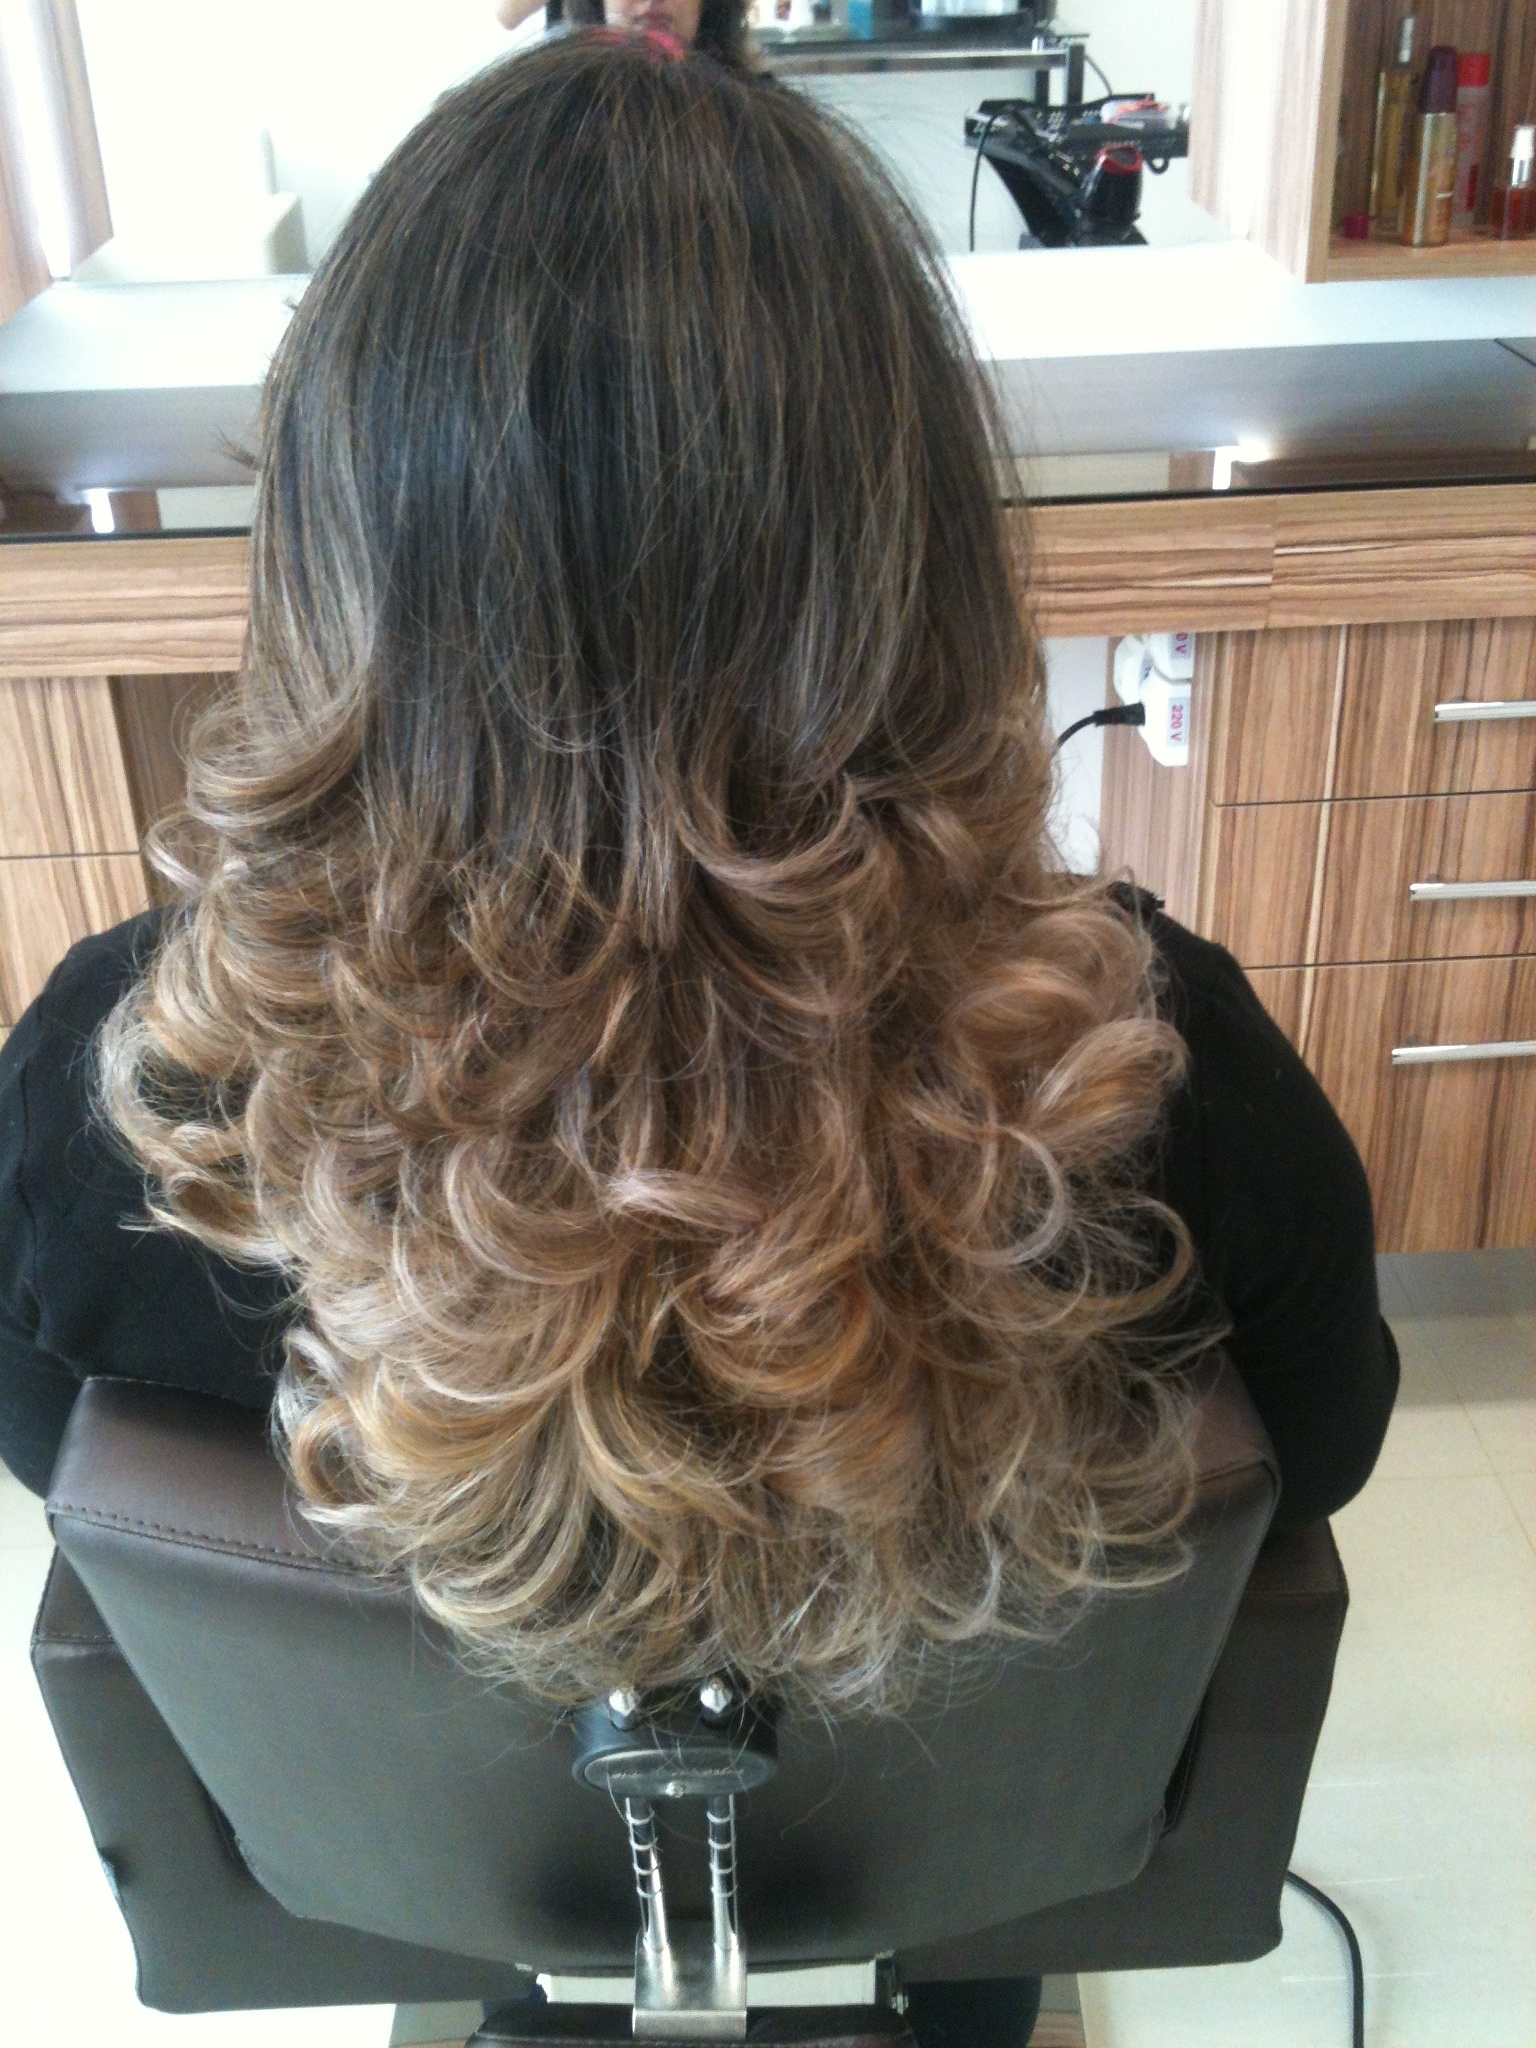 ombre hair, loiro escuro cabelo  cabeleireiro(a) maquiador(a)